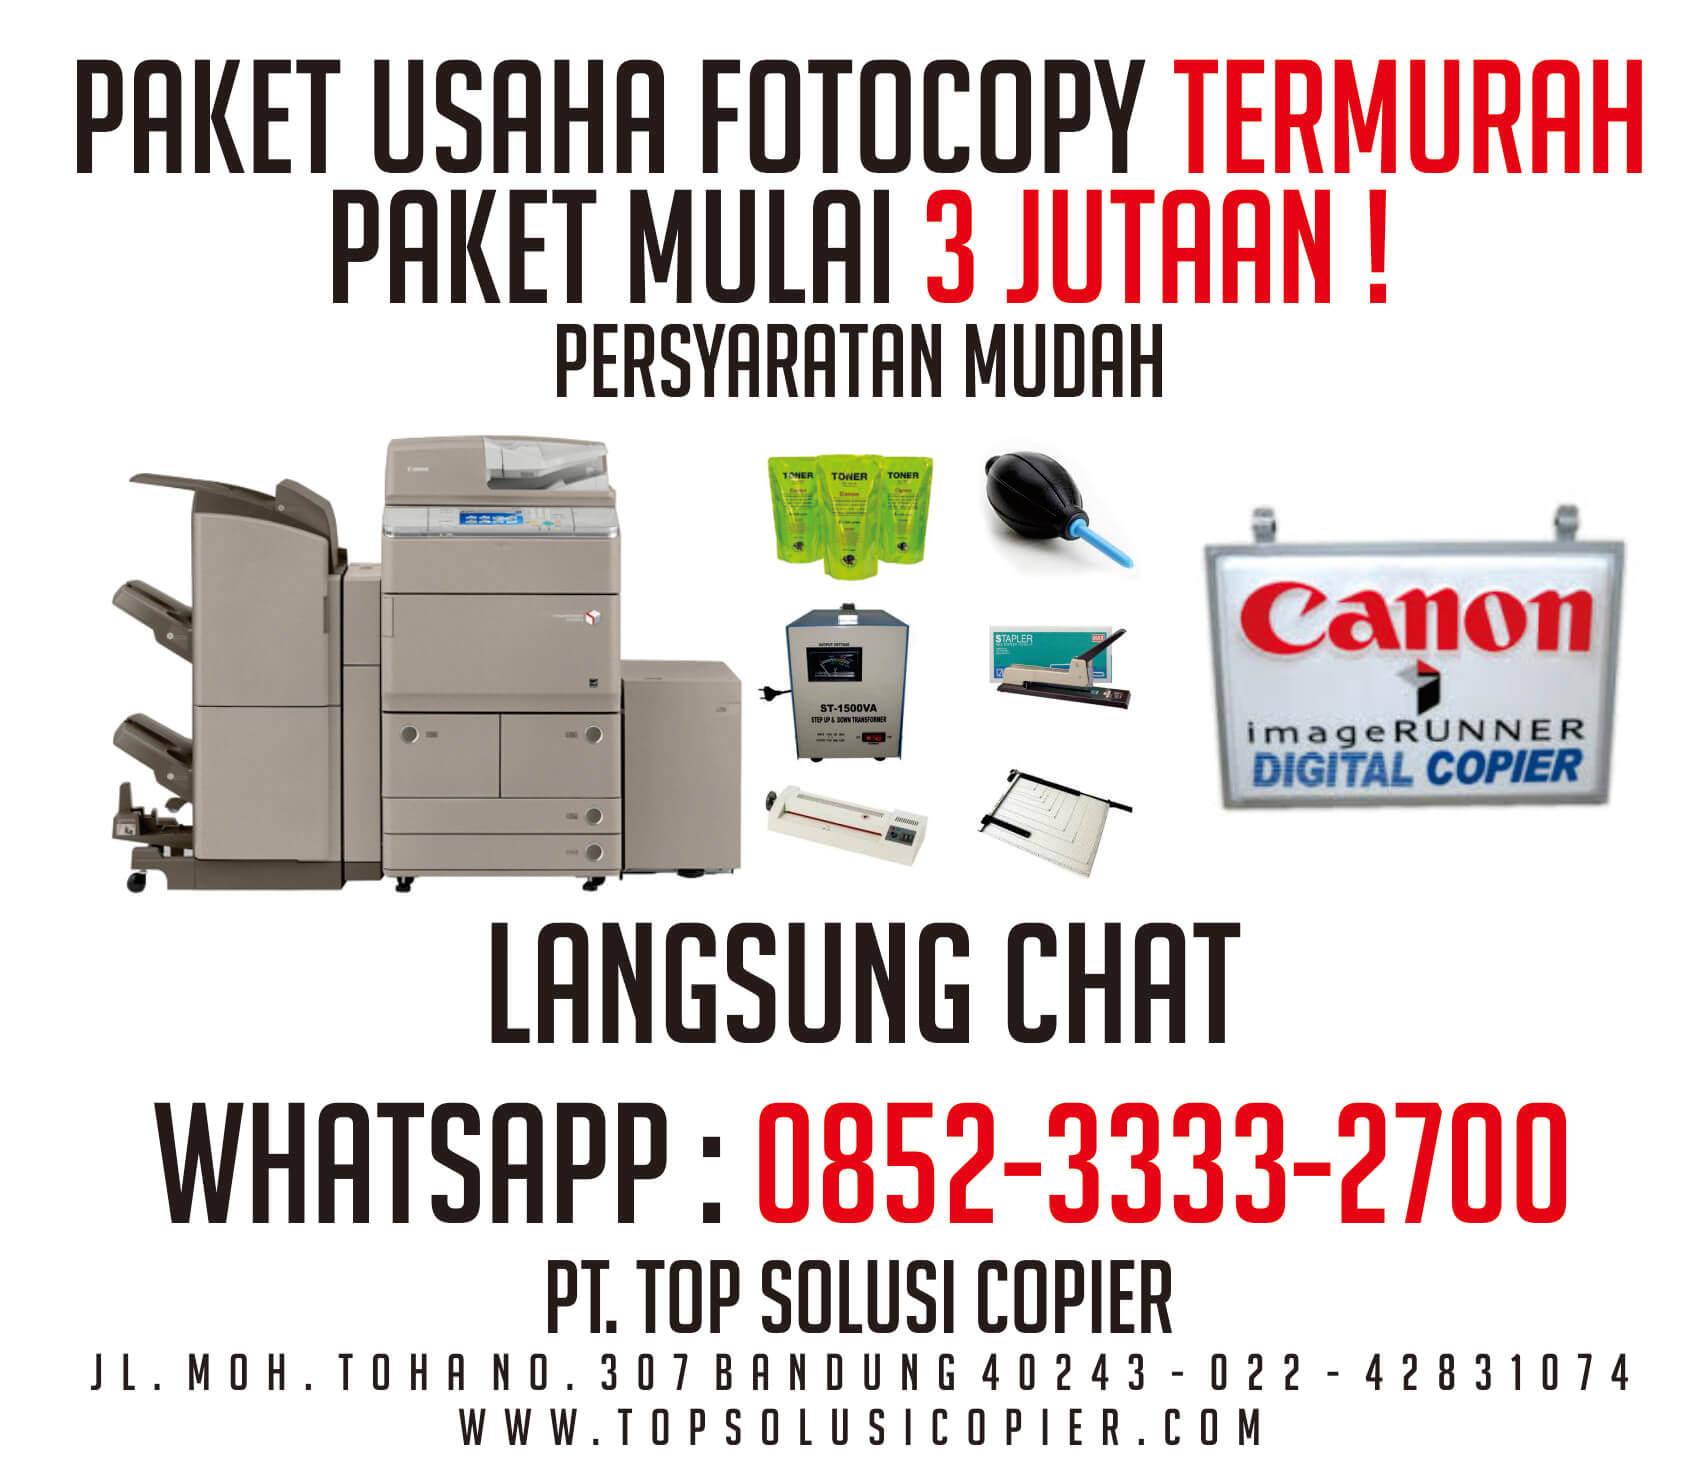 paket usaha fotocopy bandung